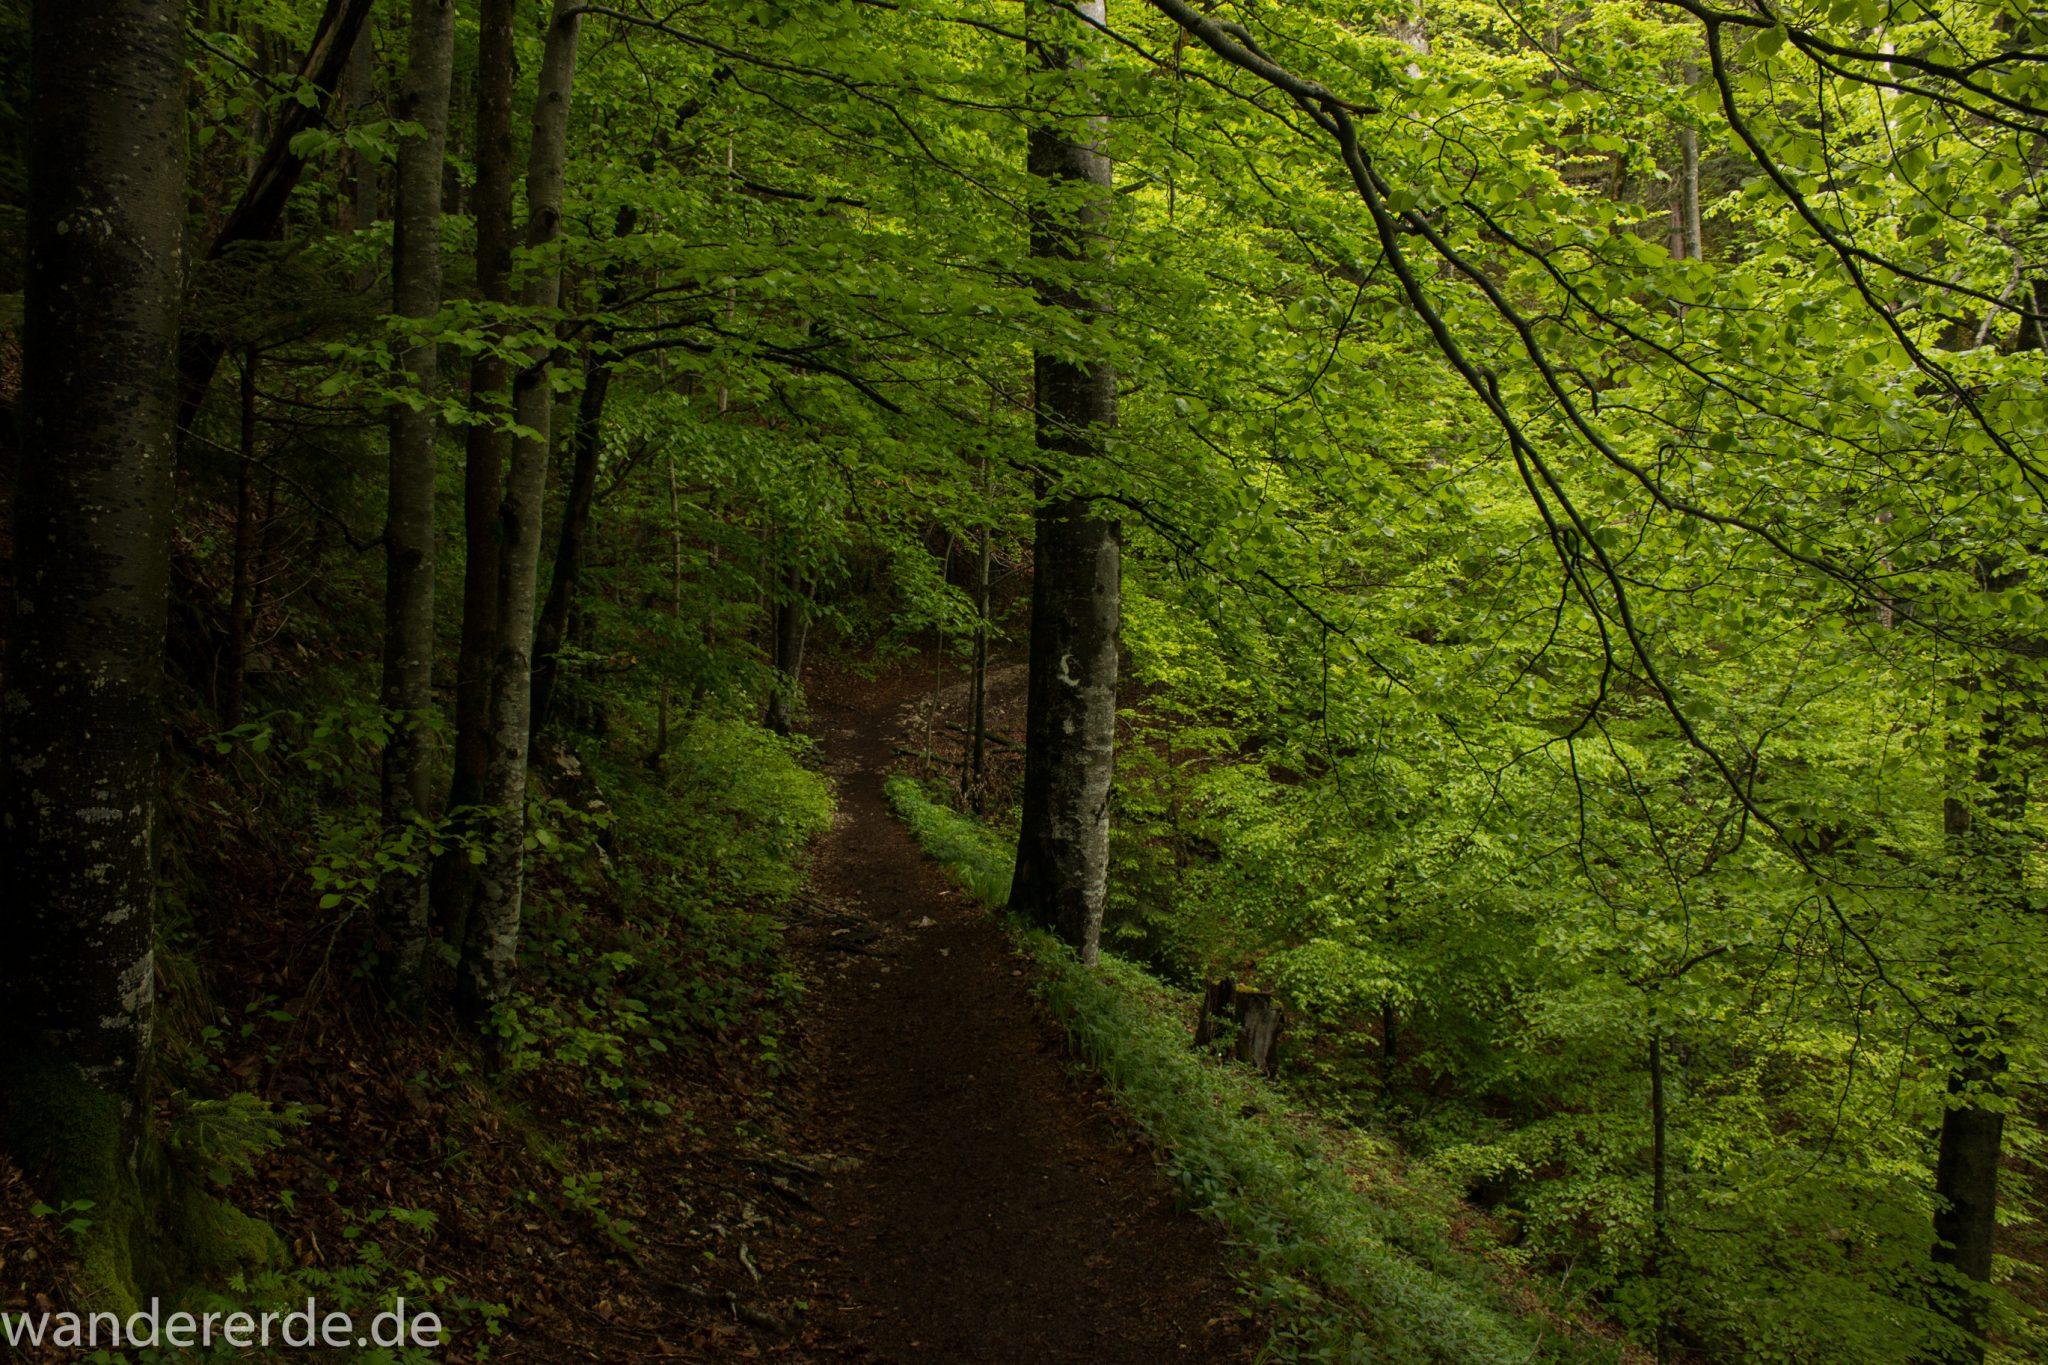 Wanderung beim Alpsee bei Hohenschwangau, schöner schmaler Wanderweg durch Laubwald und Nadelwald, Frühling in Bayern, Moos am Baum